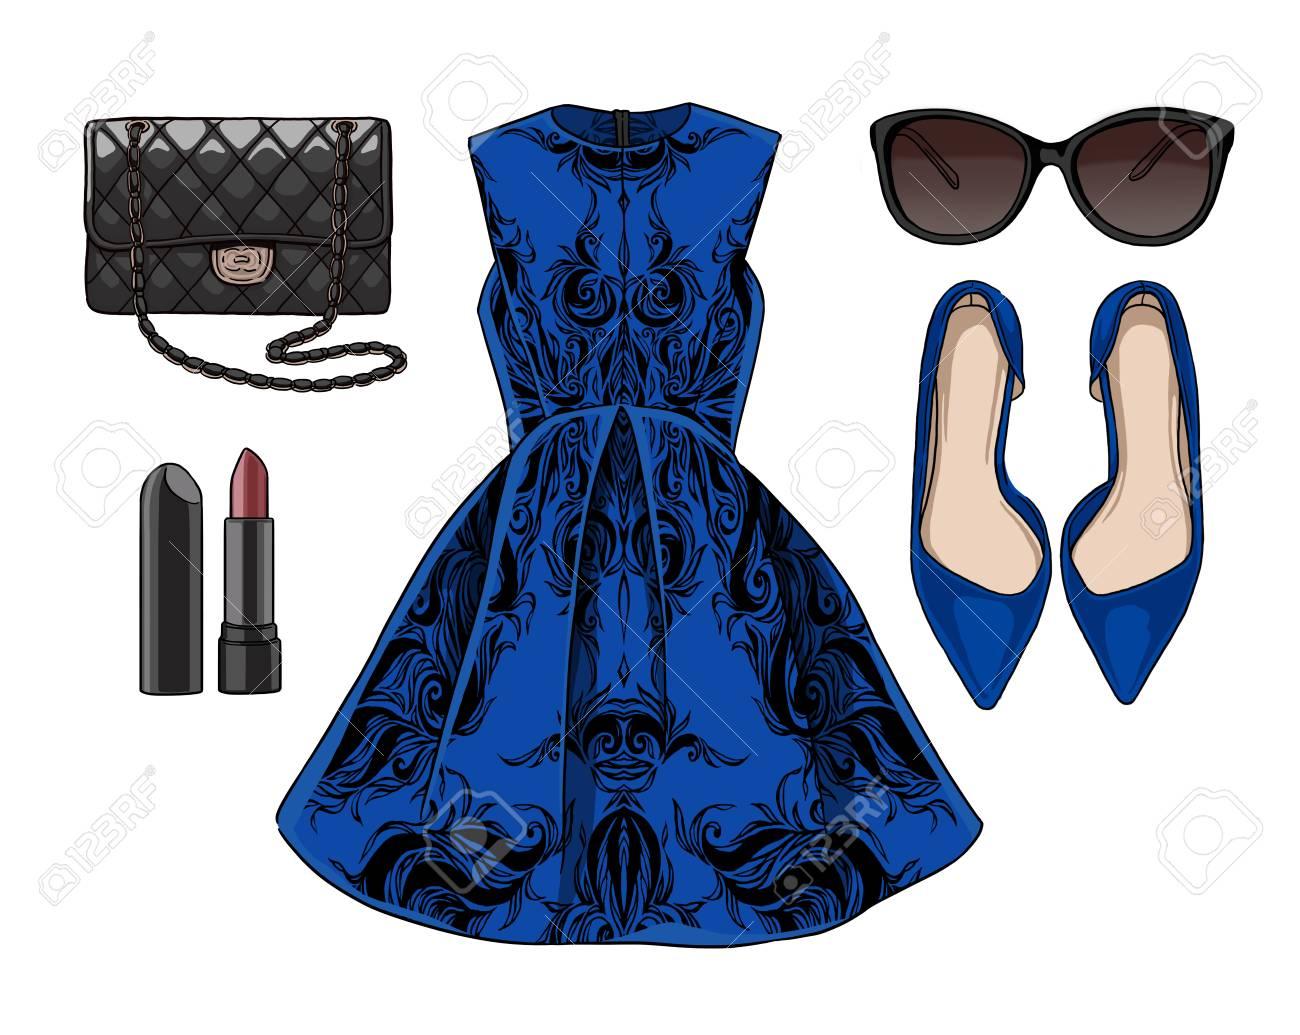 4aee240db Dama de la moda conjunto de la primavera, traje de la temporada de verano.  Ilustración estilo y de moda de ropa.